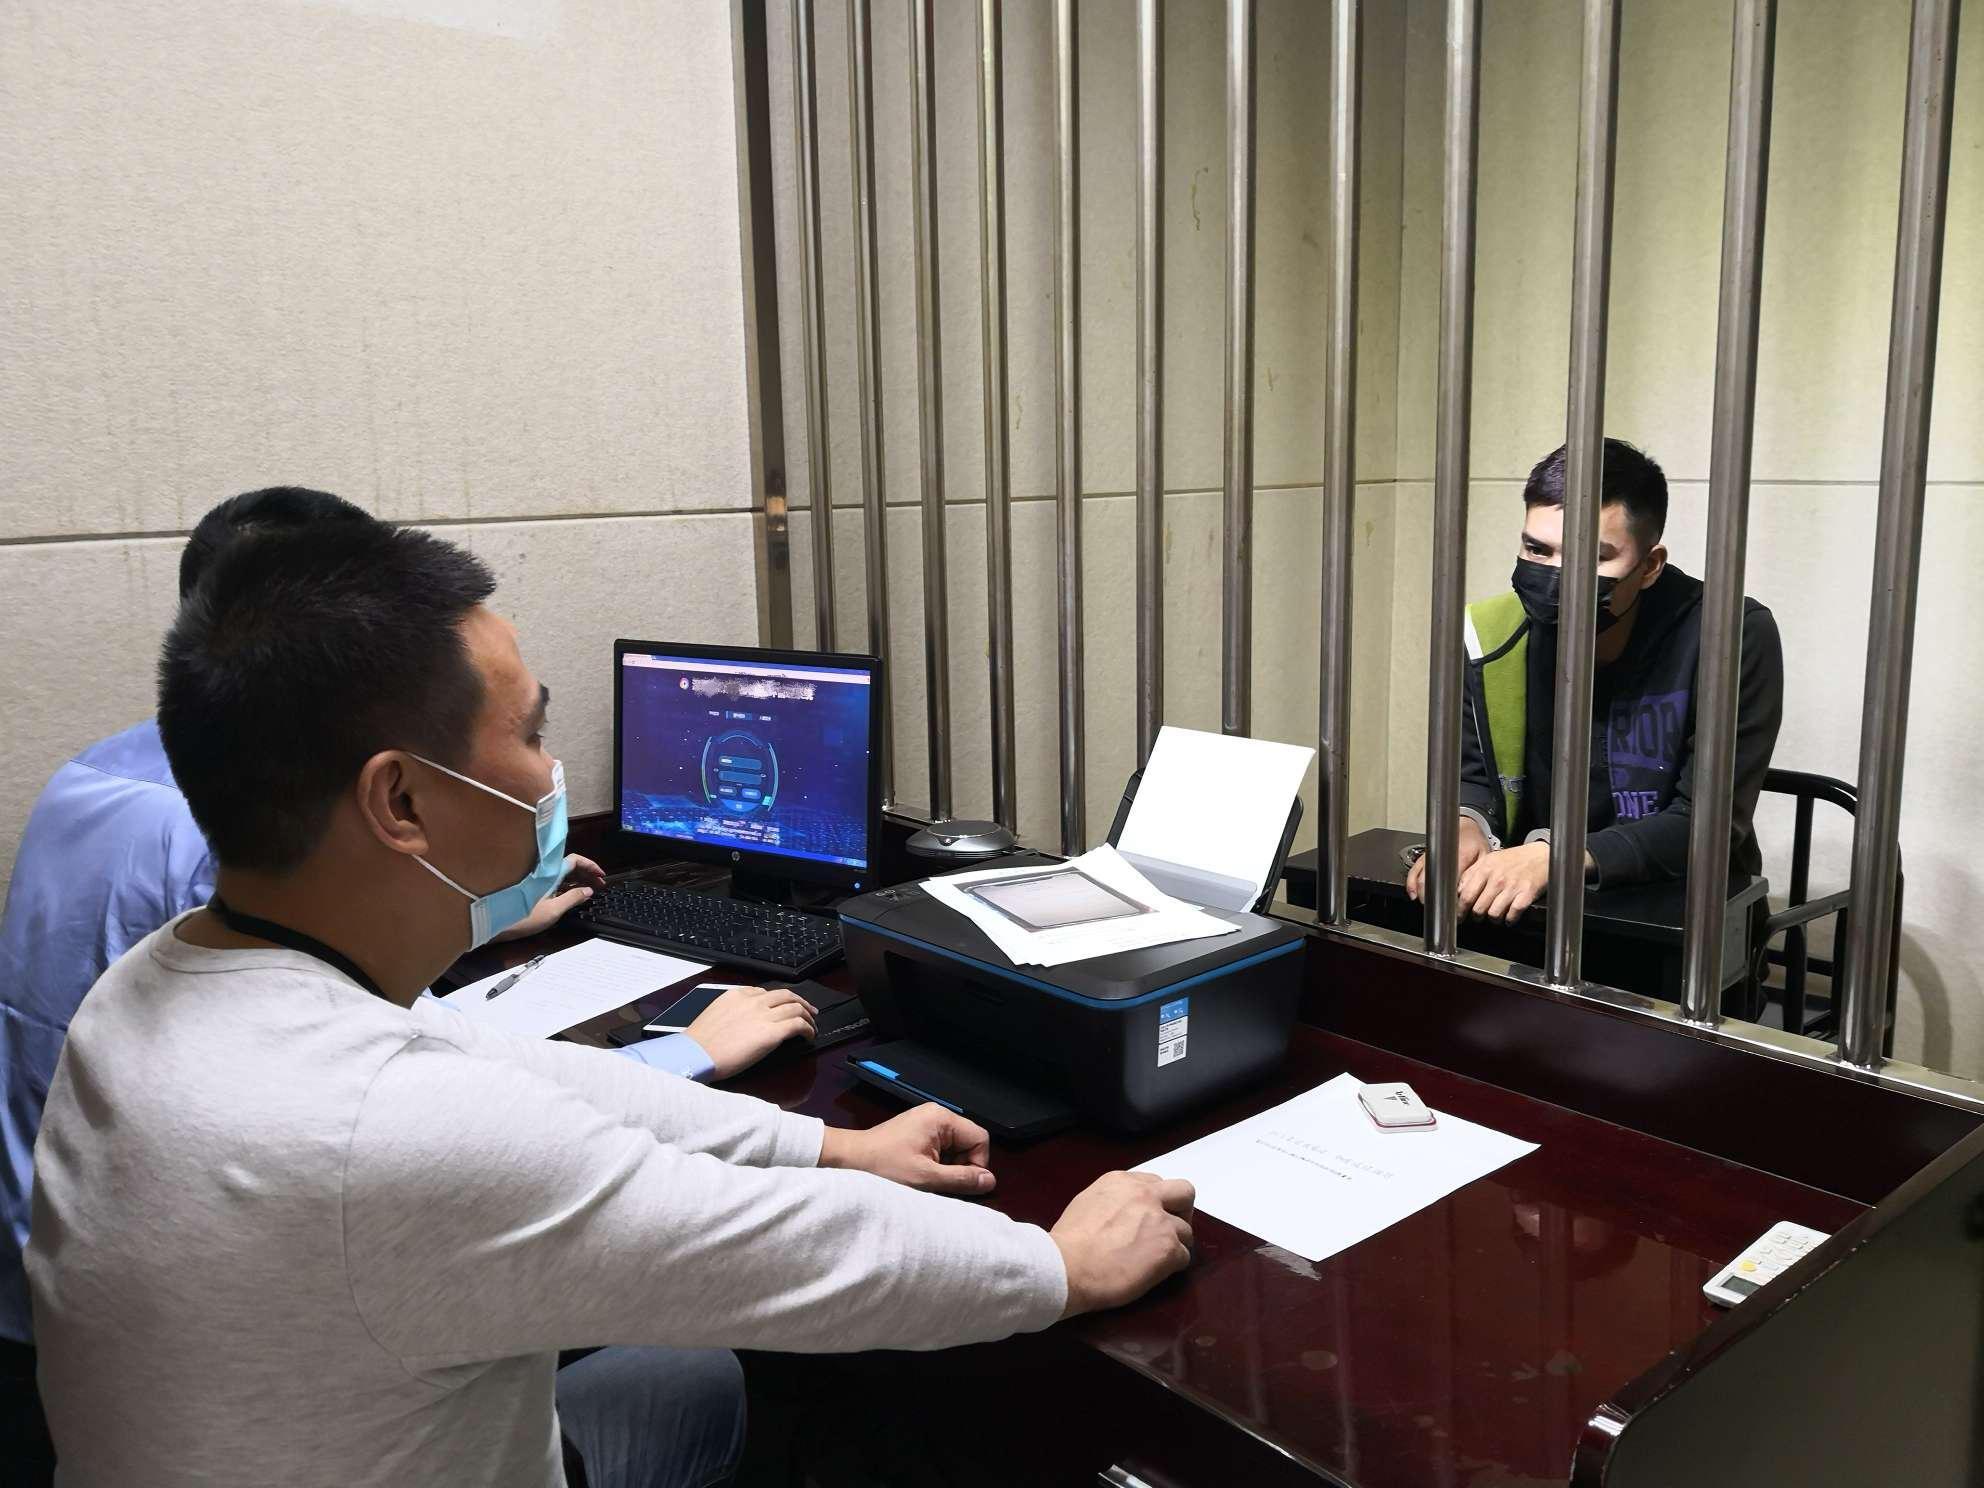 """深圳一男子报假警称有人""""招嫖"""",原因竟是女友不让进门,想让警察帮忙开门"""